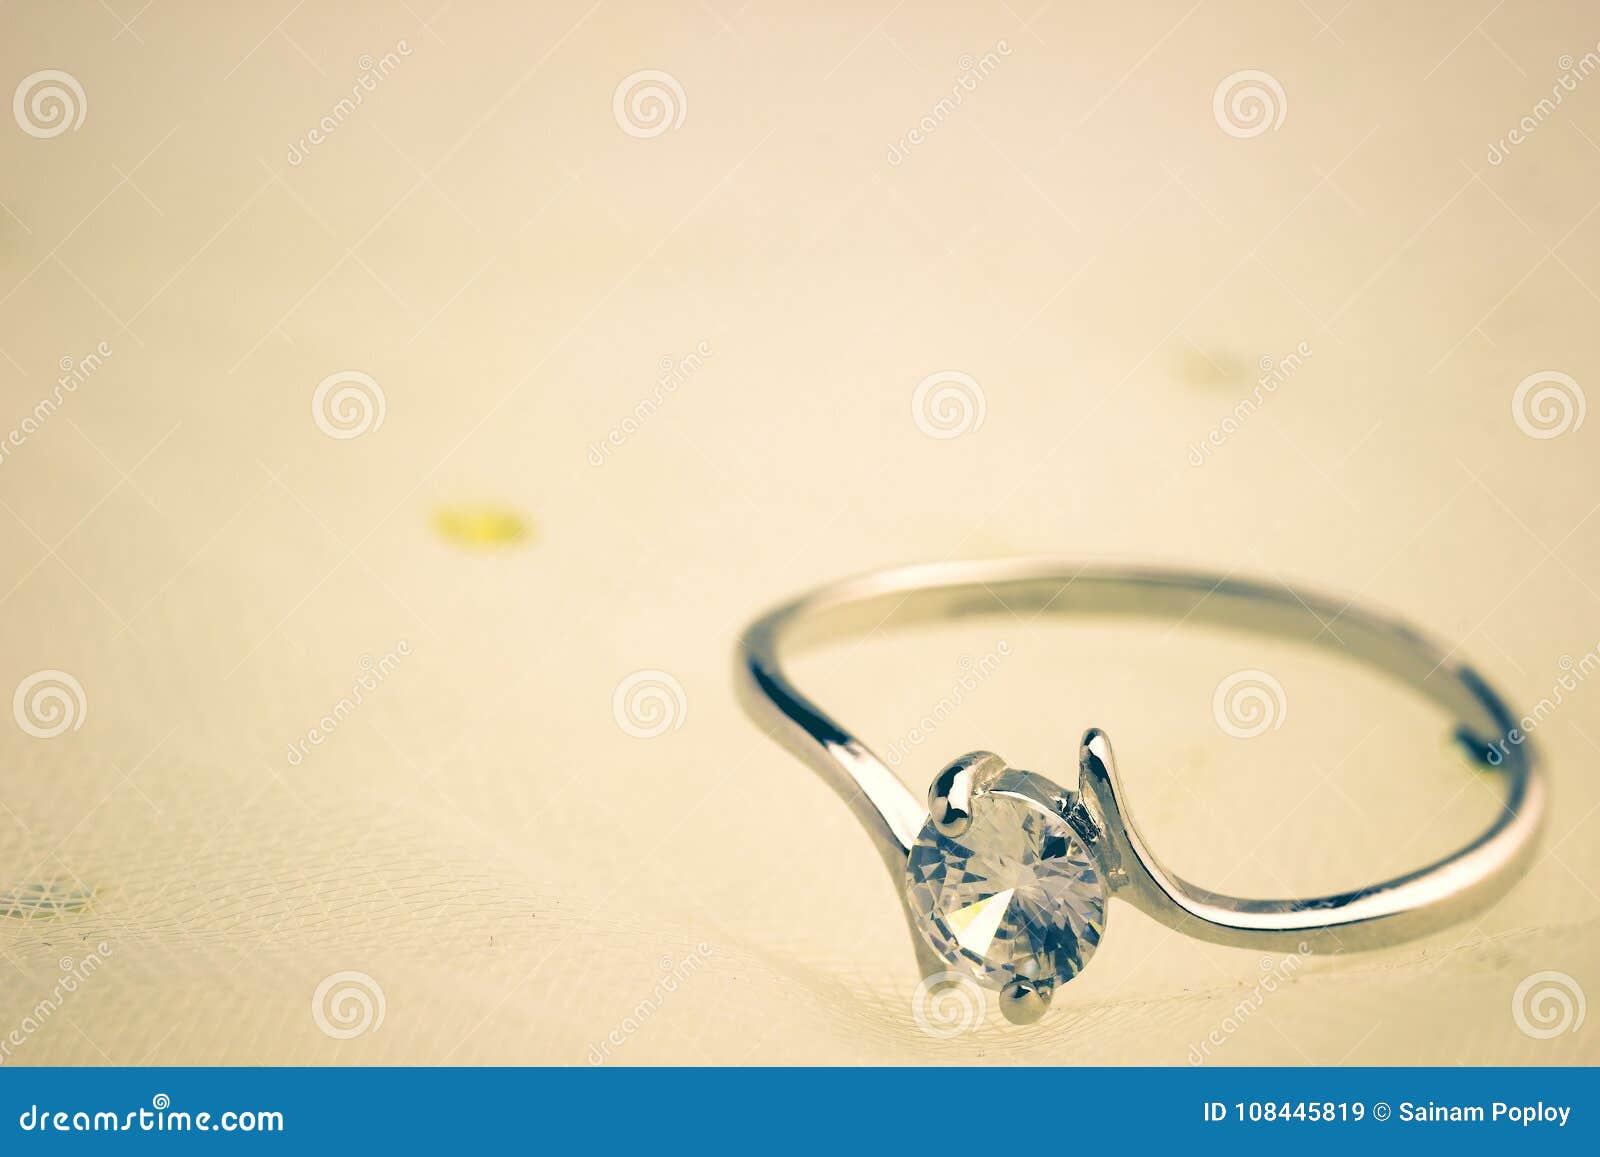 De fausses bagues à diamant sont placées sur une robe de mariage blanche